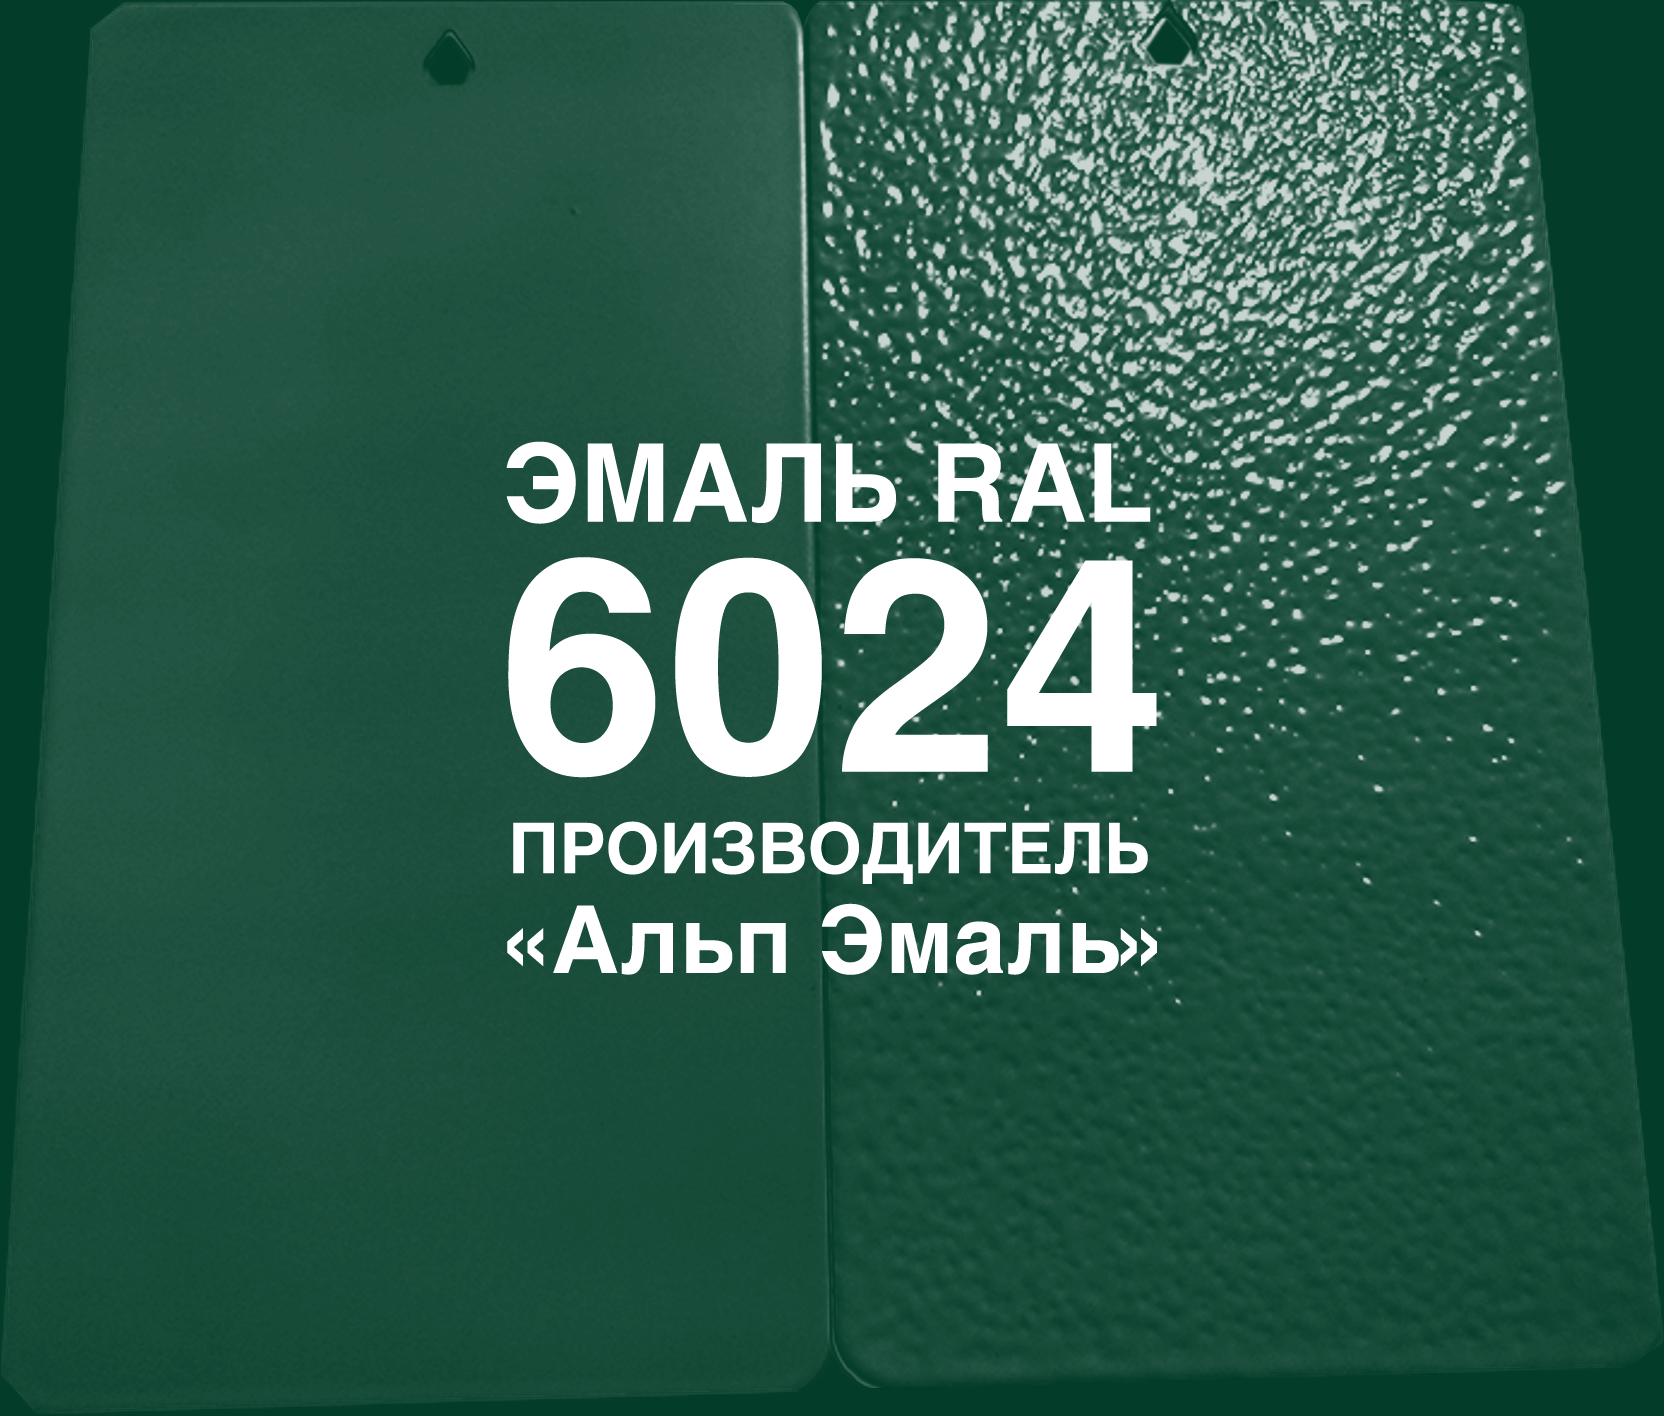 Краска эмаль RAL 6024 зеленая ЗАО Альп Эмаль